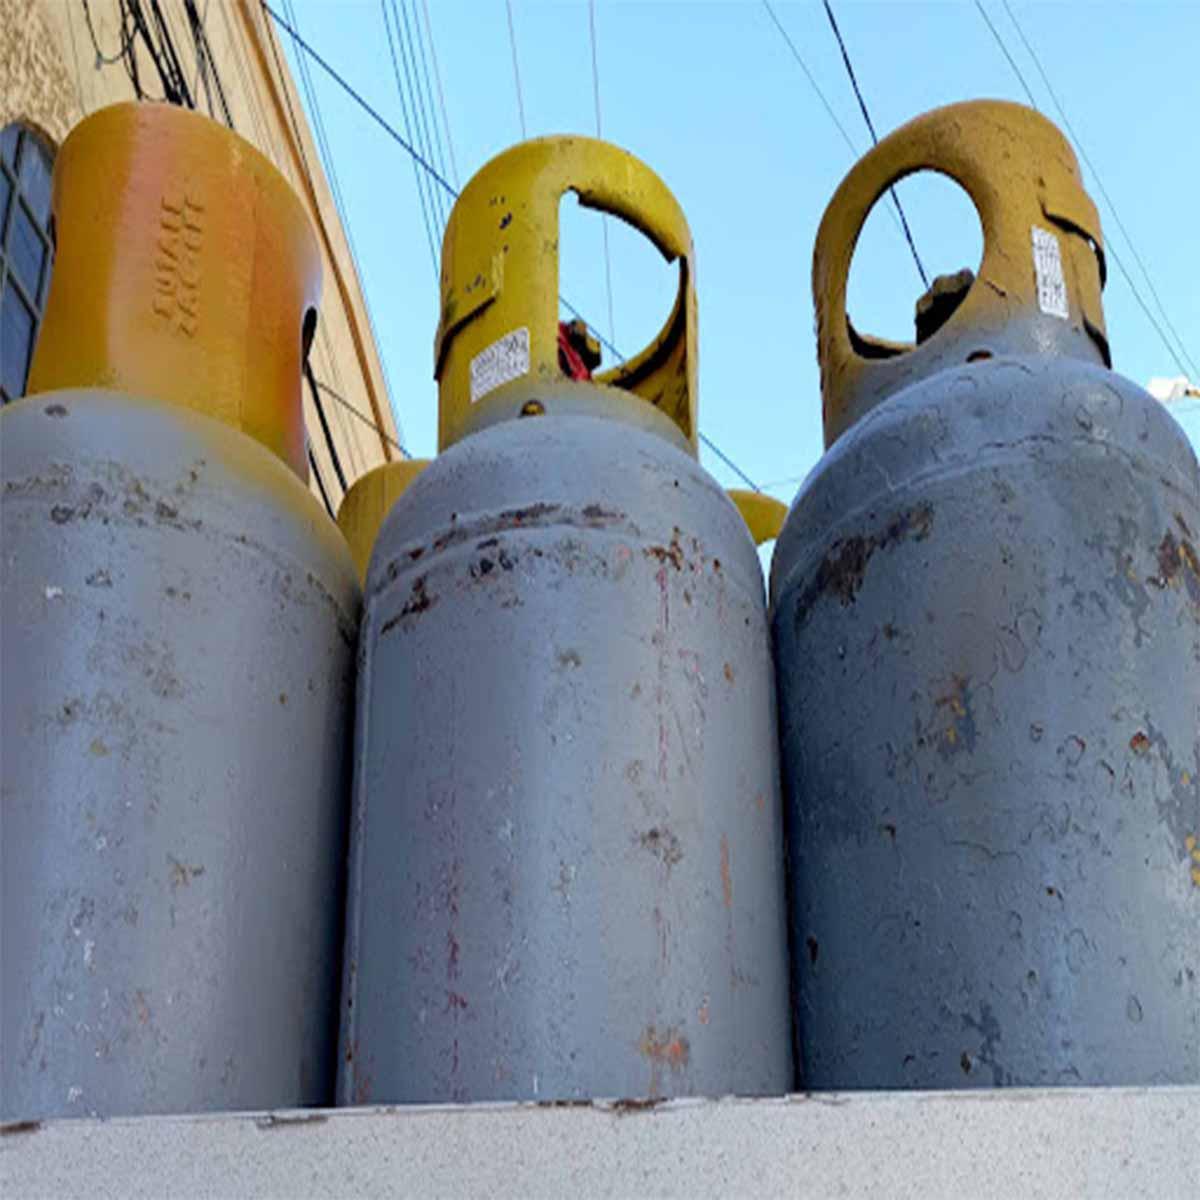 Baja precio del gas en Edomex: ¿Cuánto valdrá esta semana?